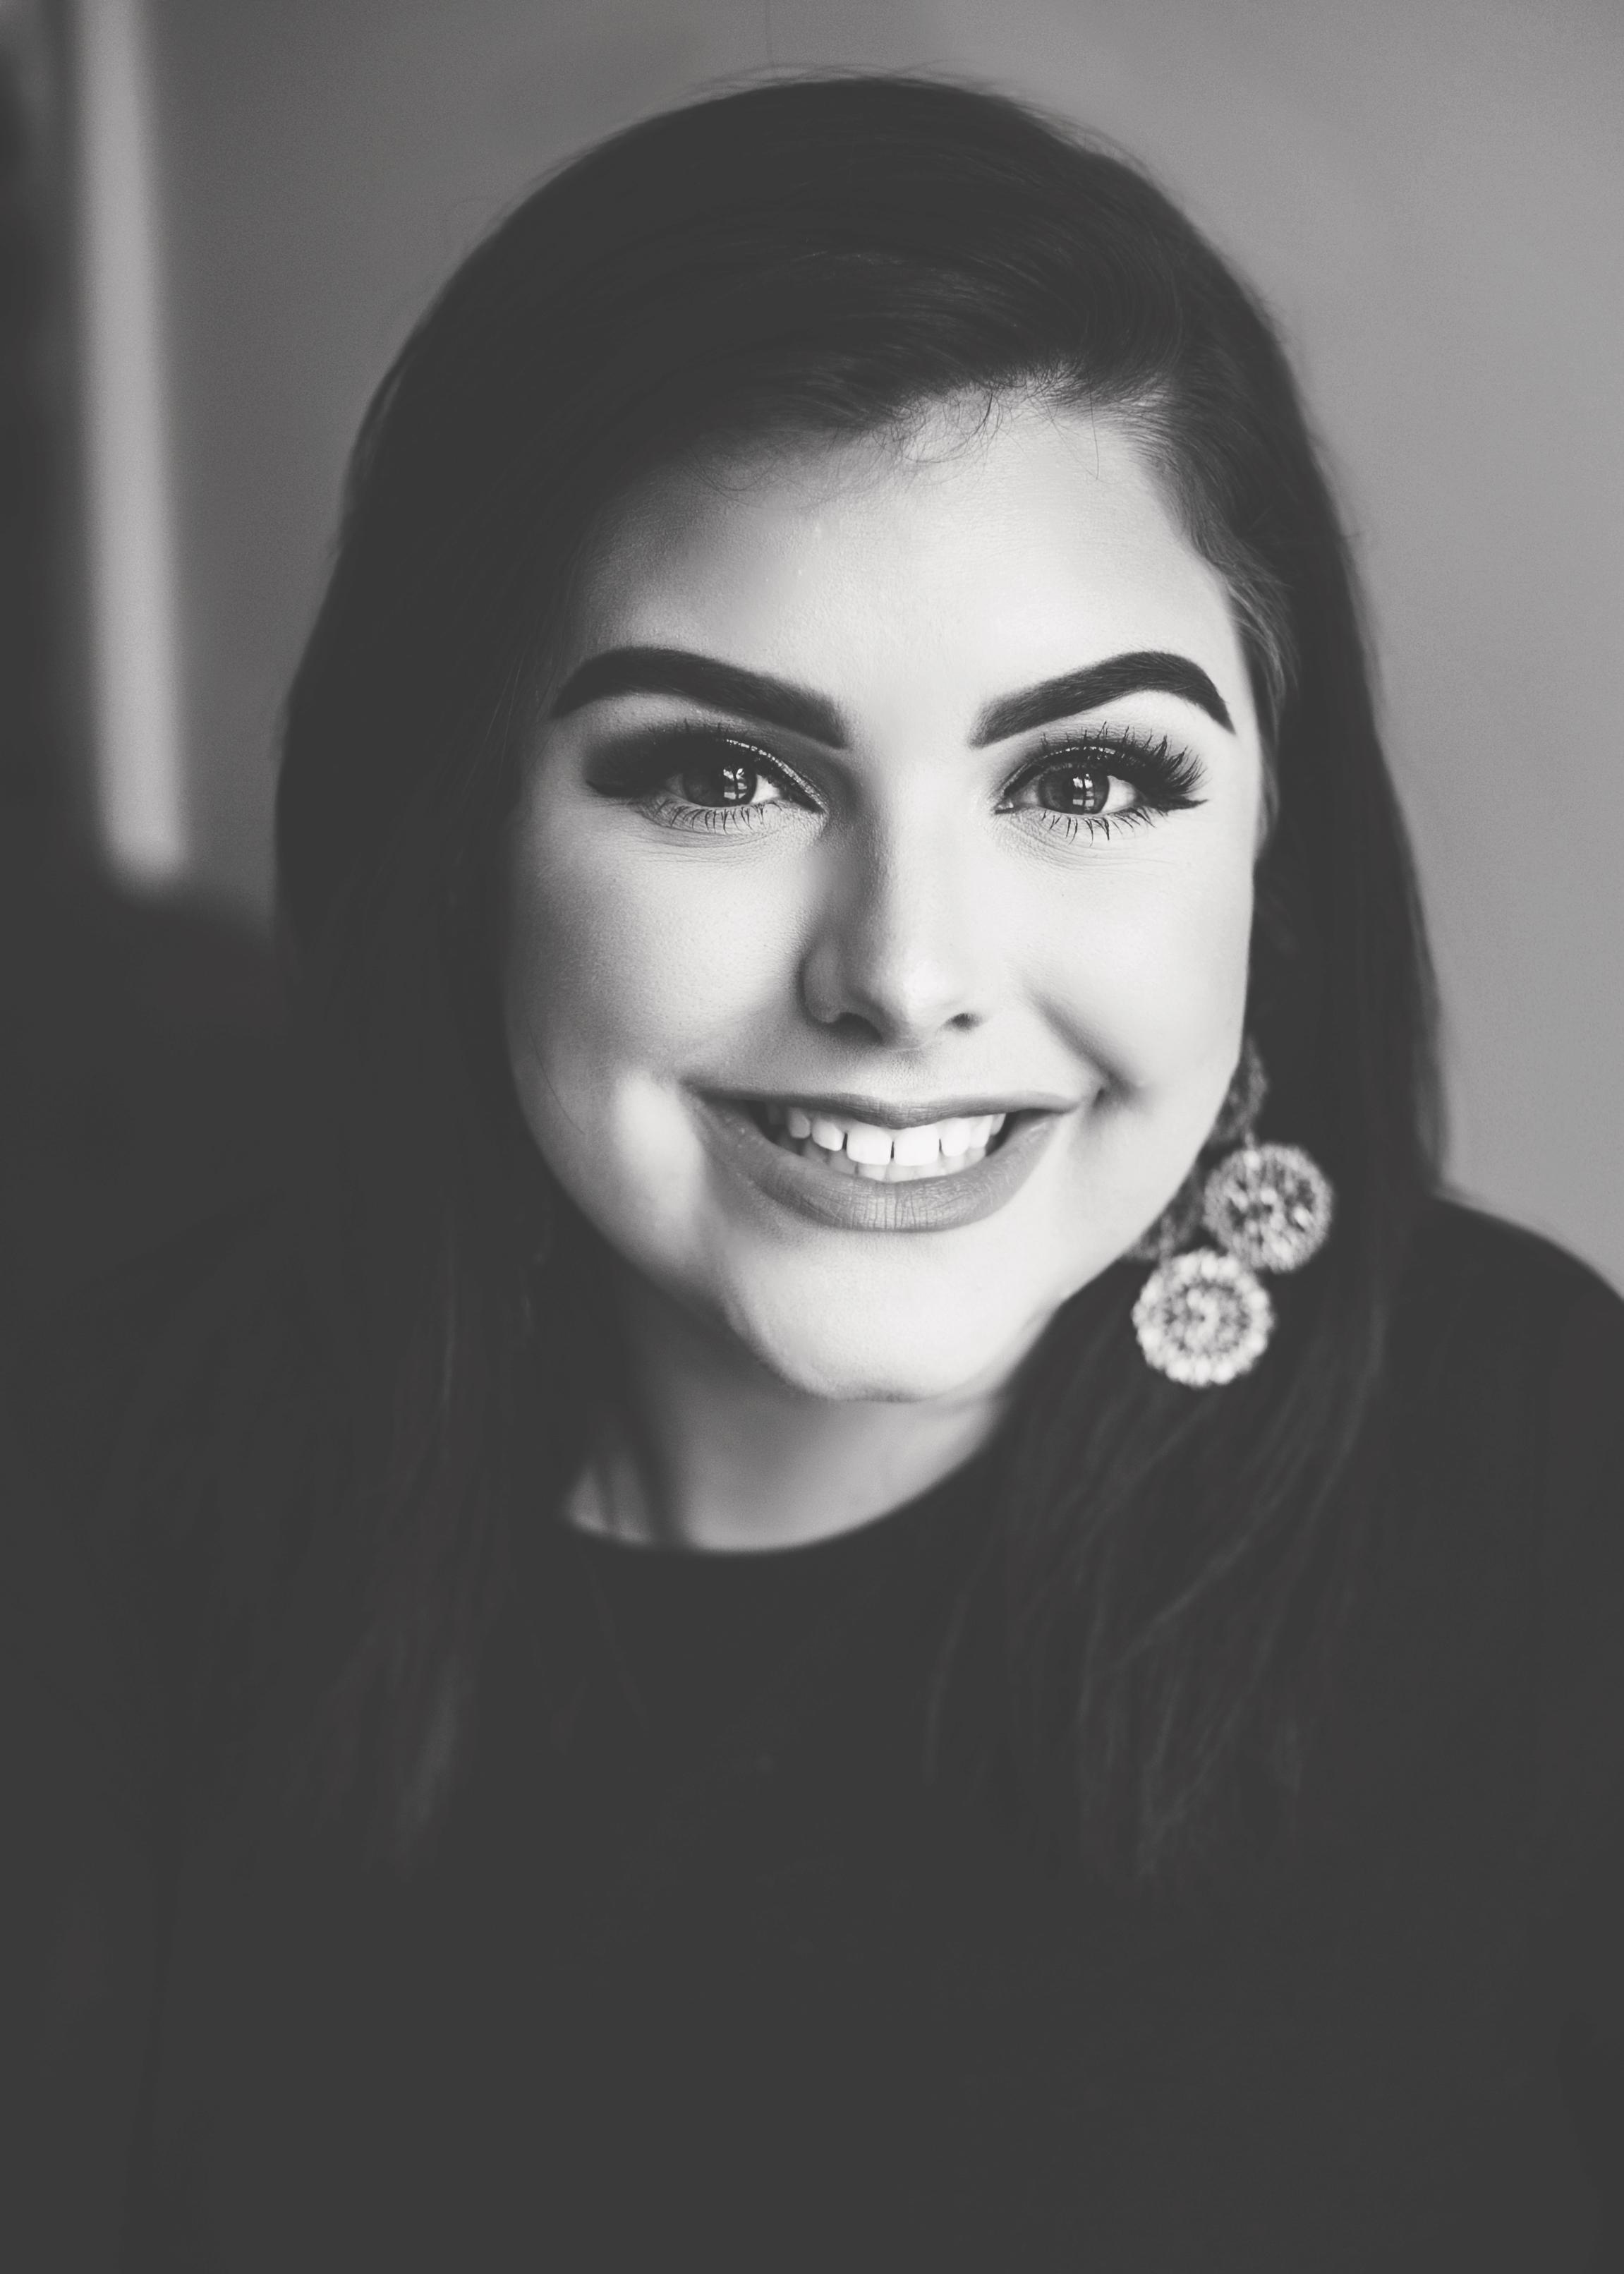 Taylor Bullock - Design & Administrative Assistant, Super Human